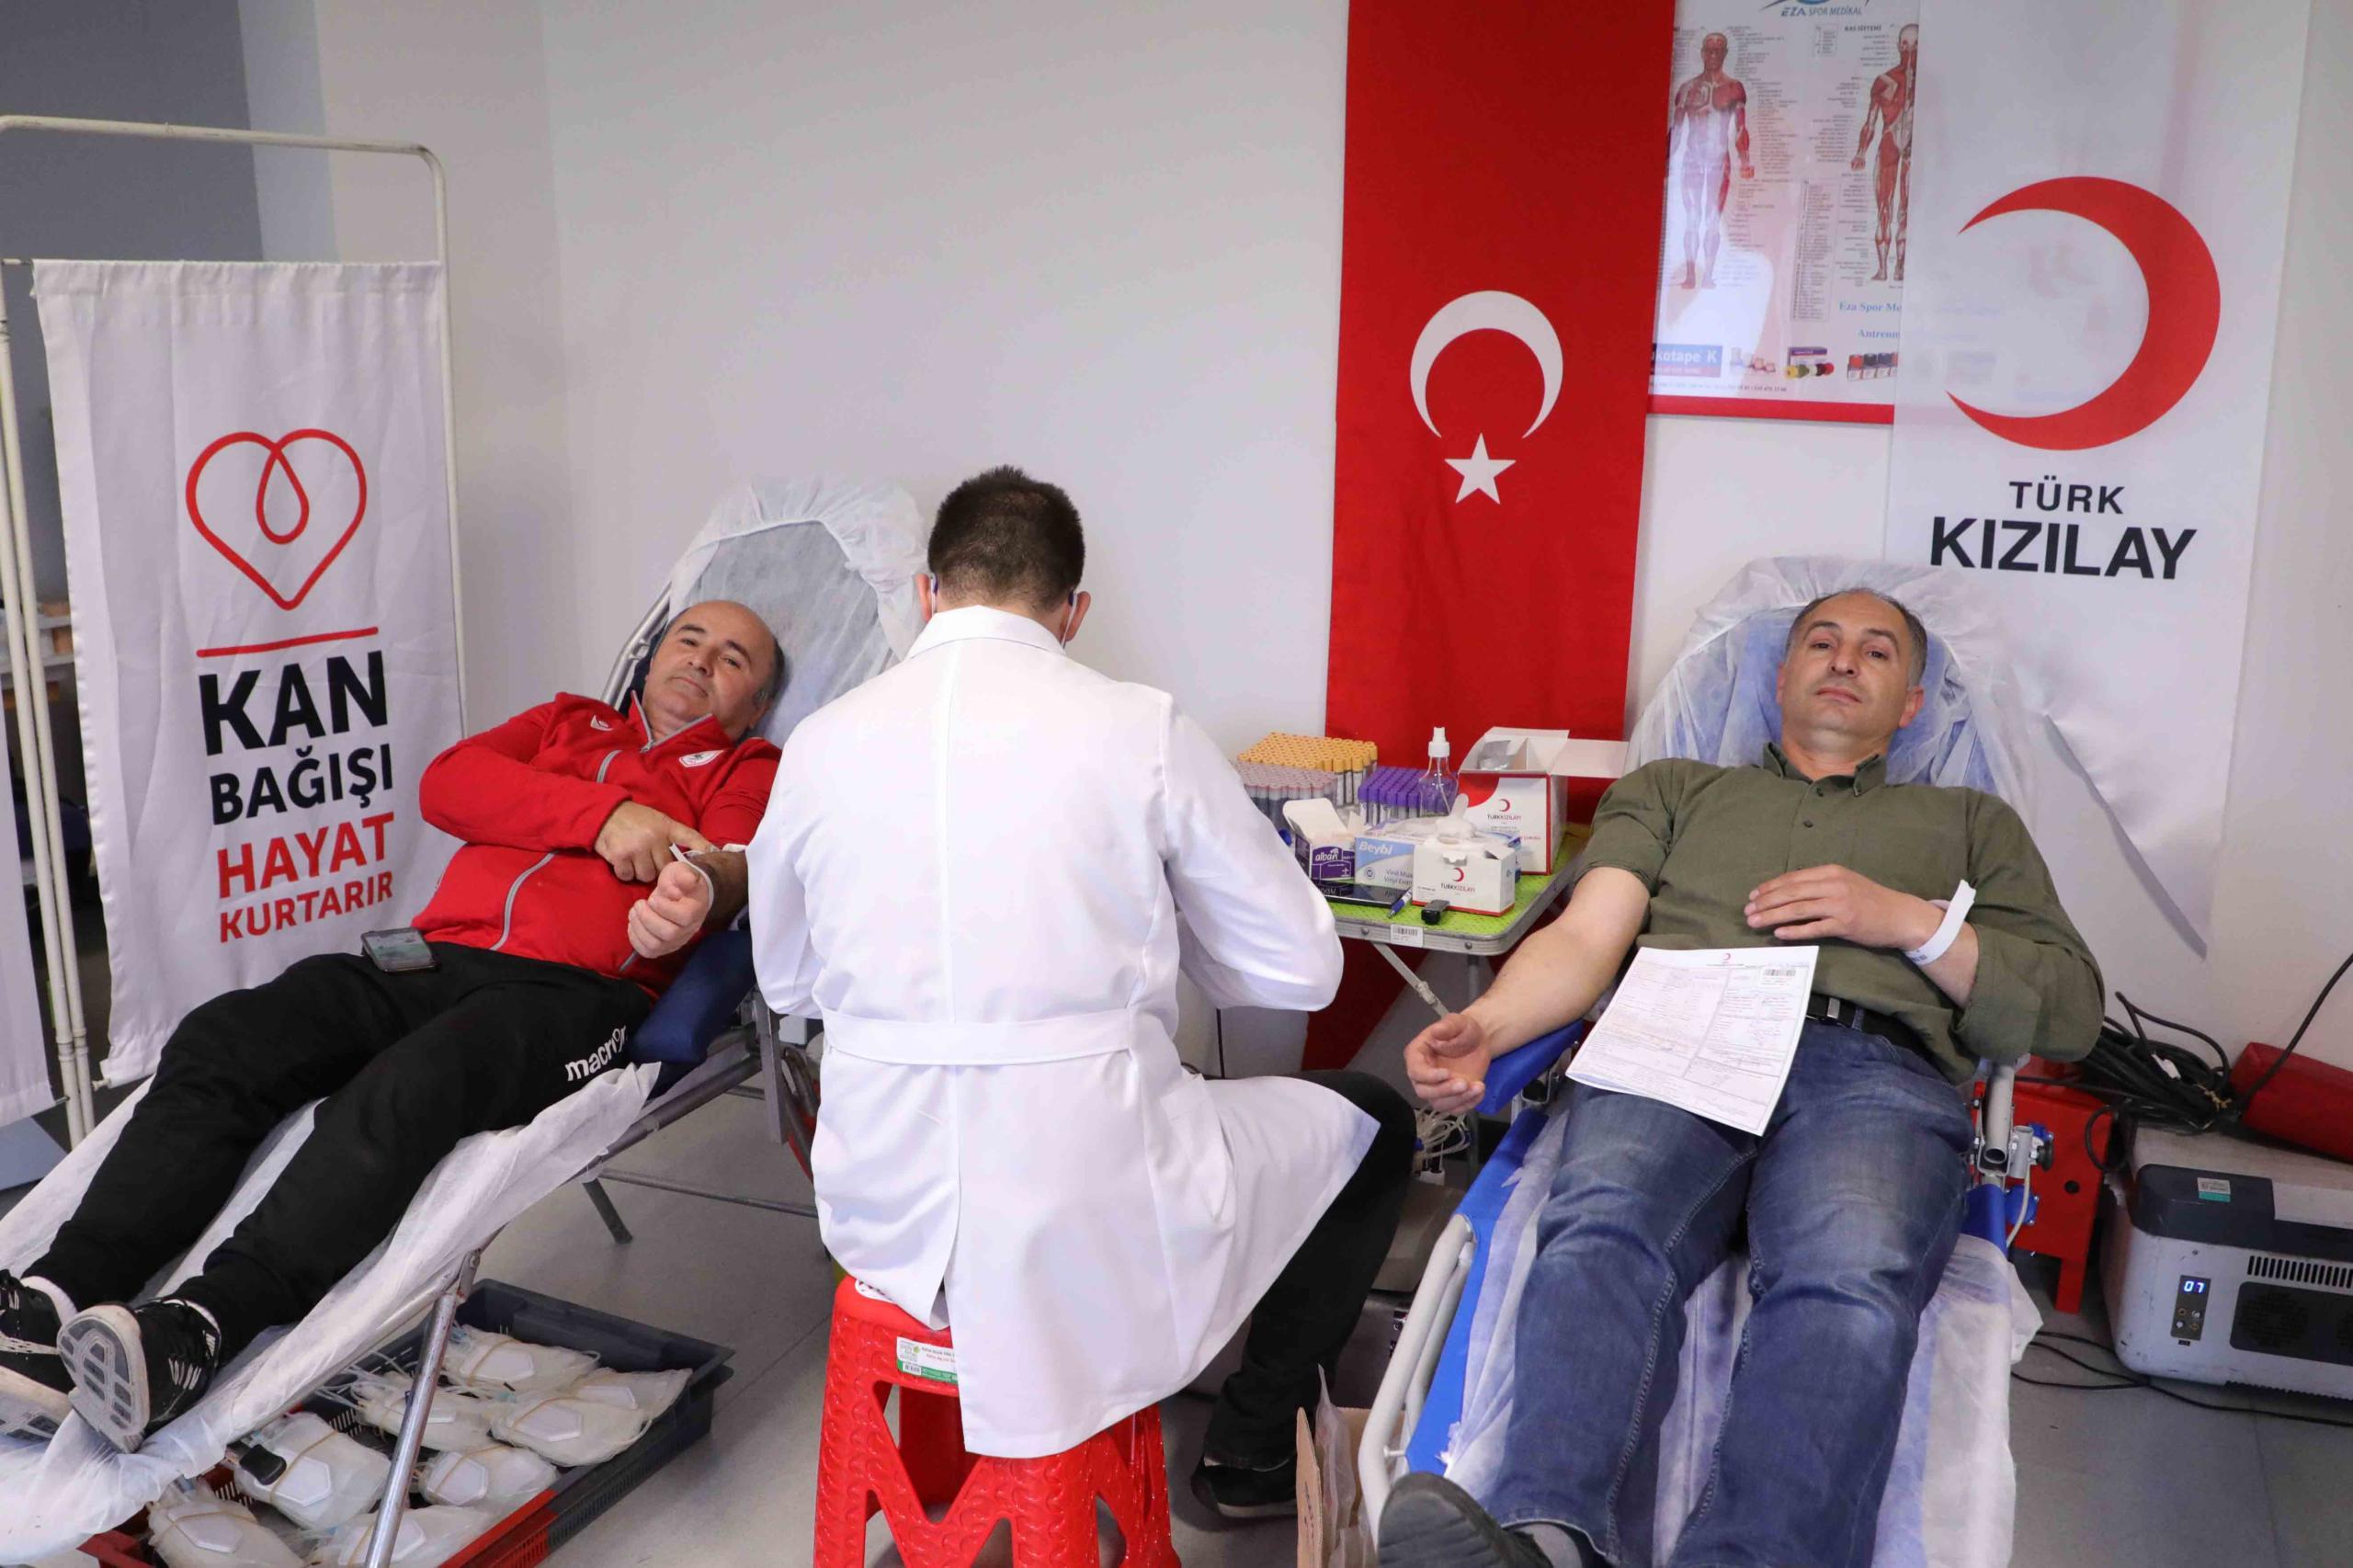 Girne'de kan bağışı!